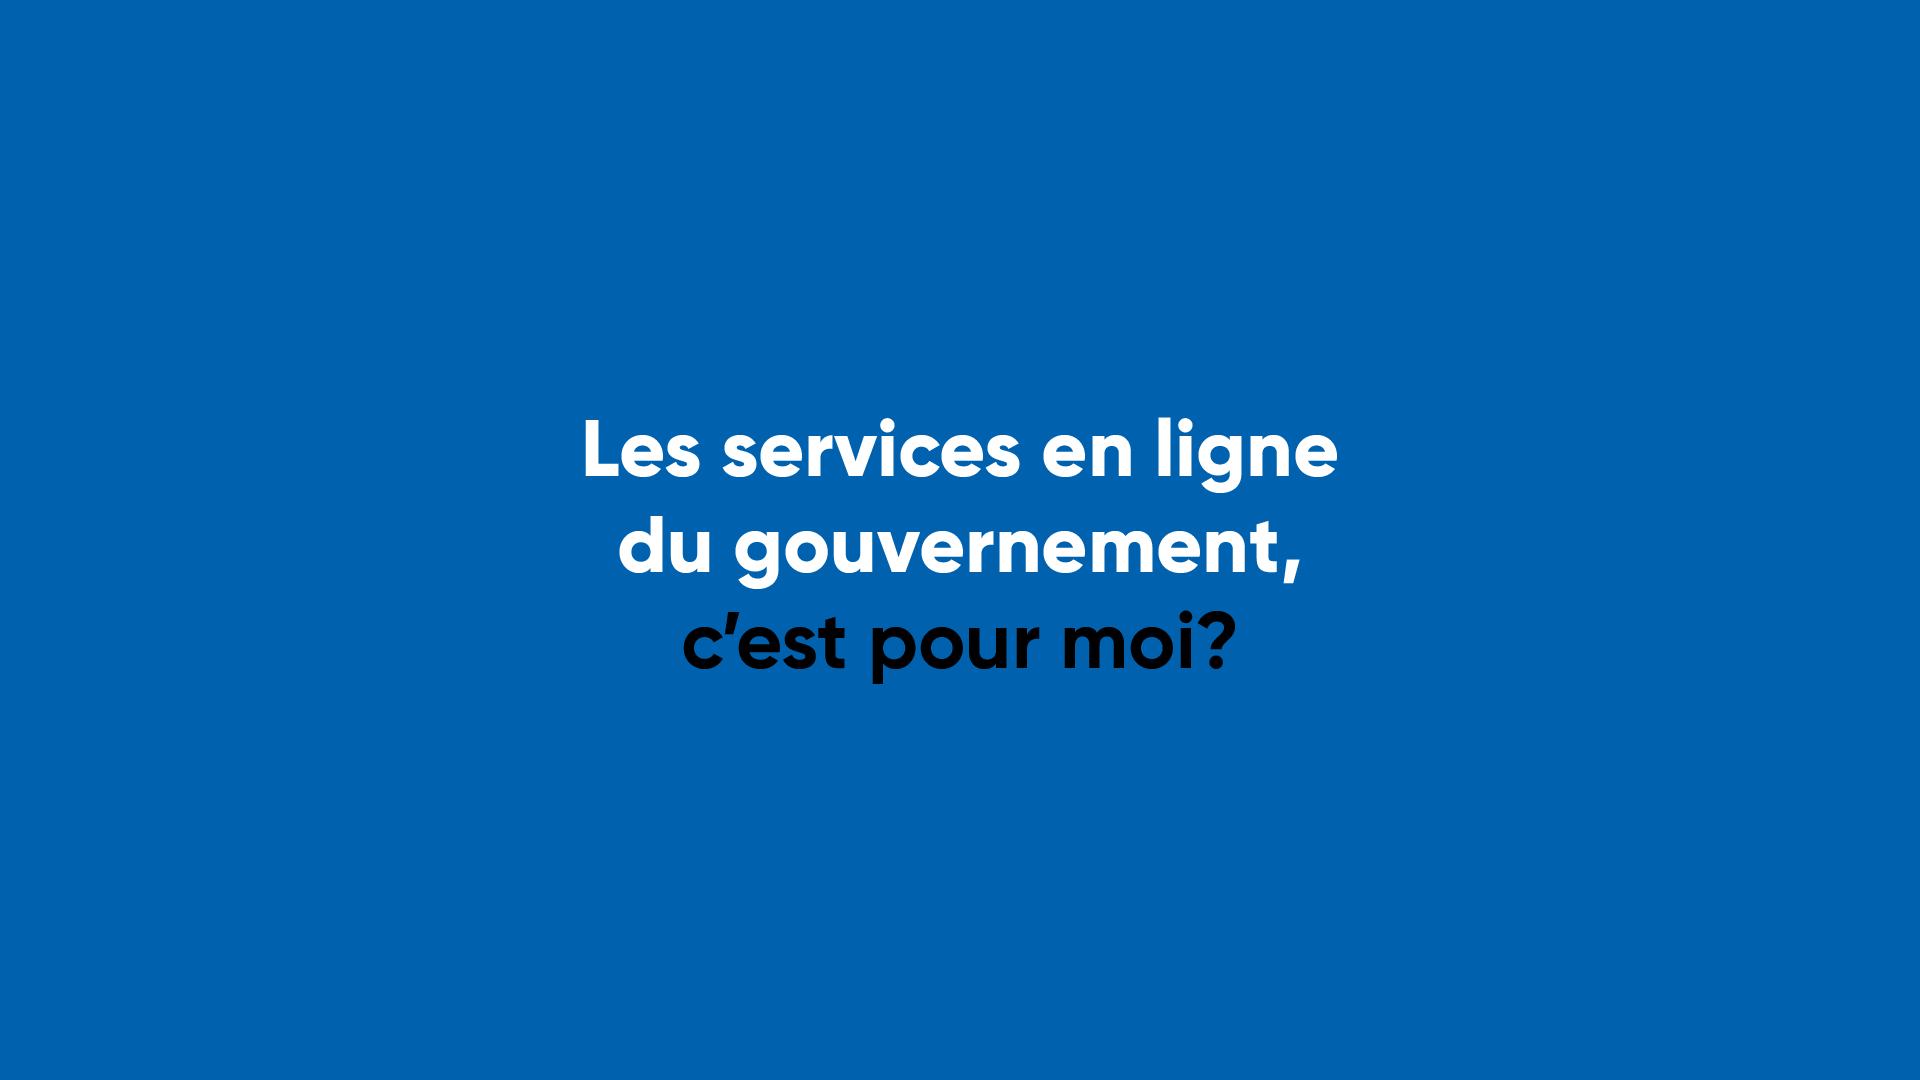 Les services en ligne du gouvernement, c'est pour moi?